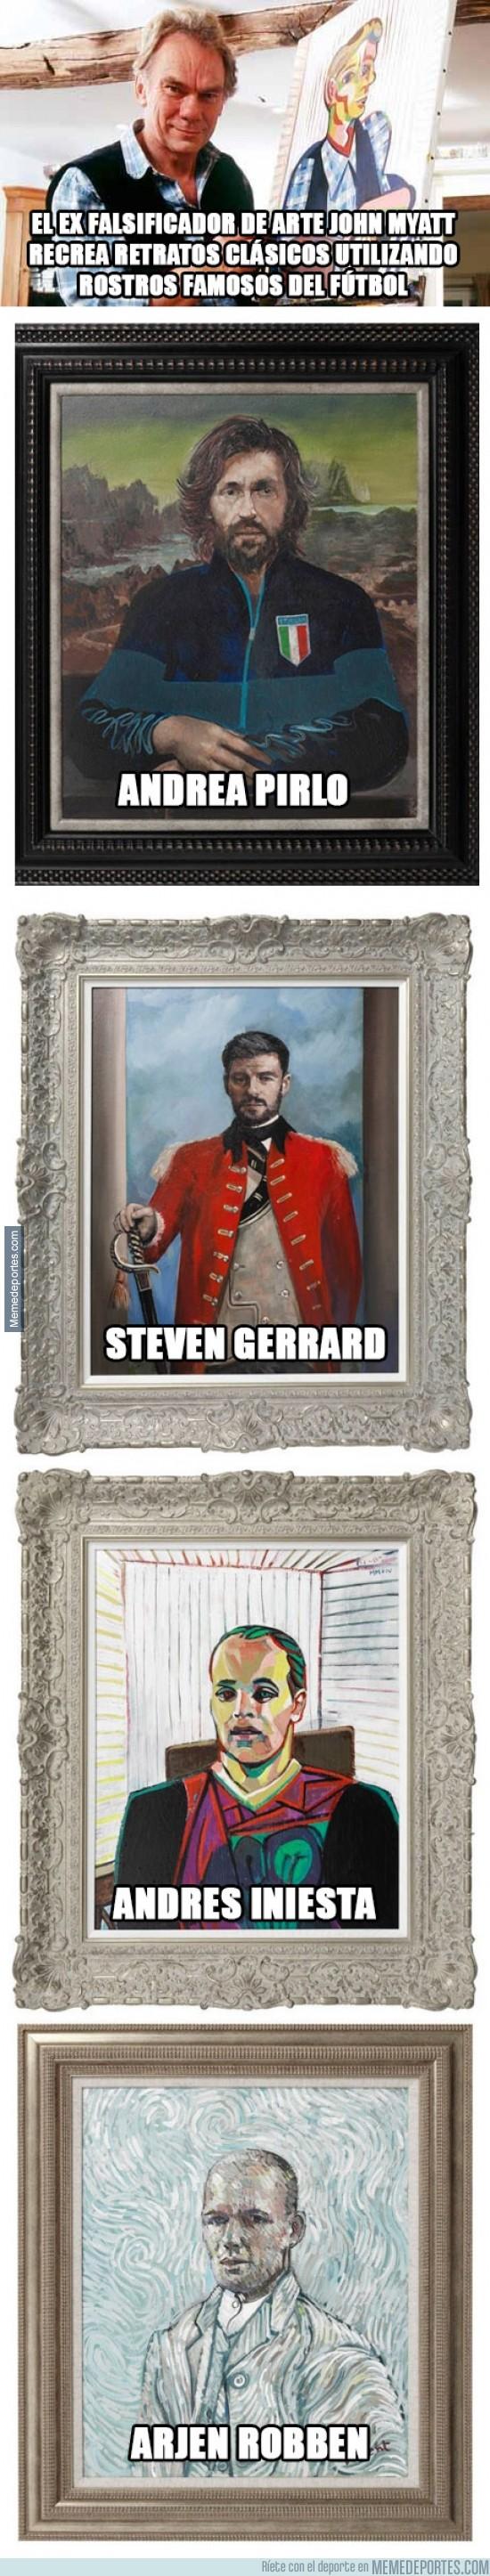 372534 - El ex falsificador de arte John Myatt recrea retratos clásicos utilizando rostros famosos del fútb